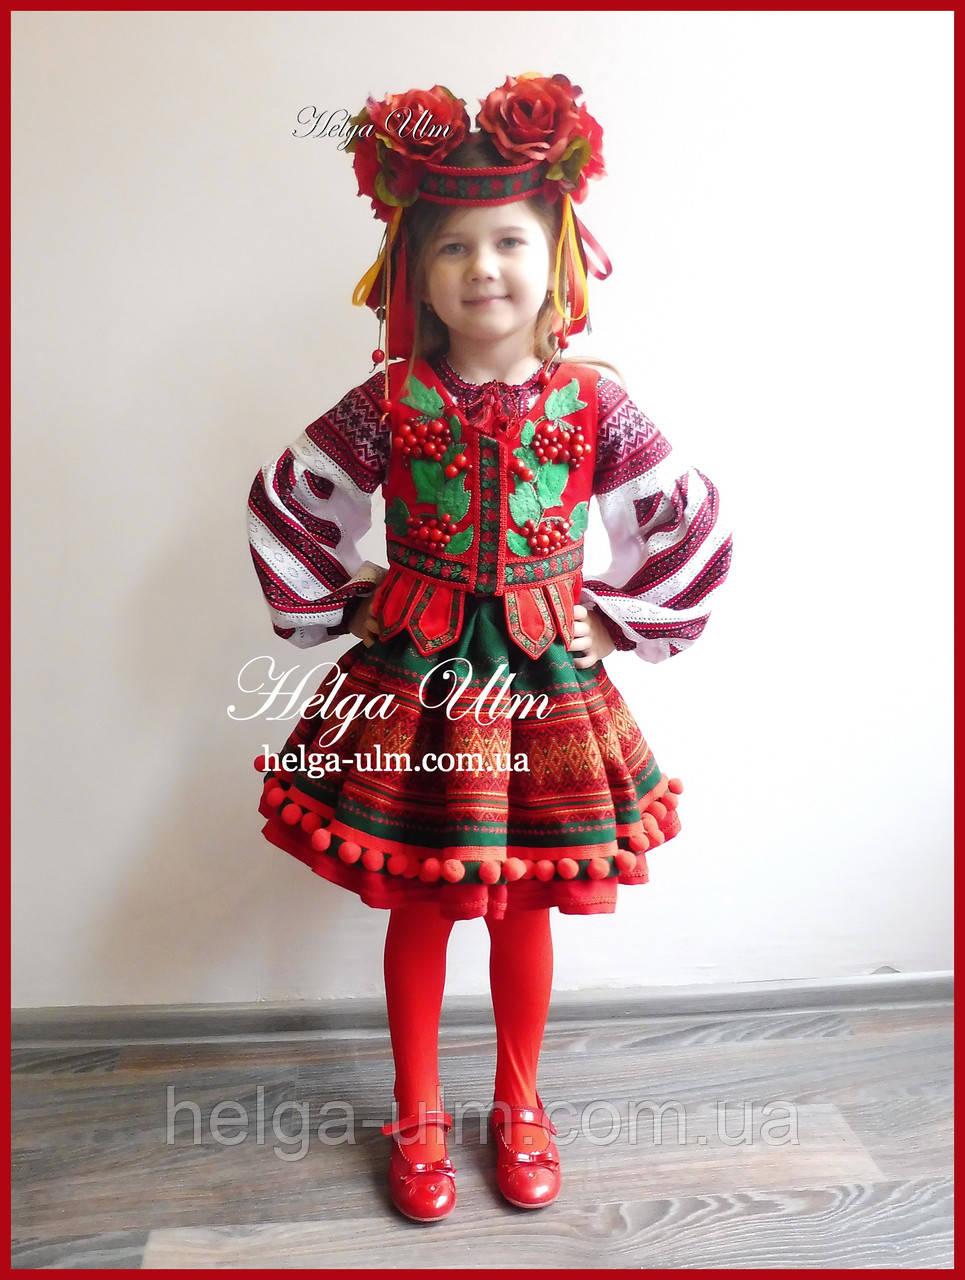 ... Український національний стилізований костюм